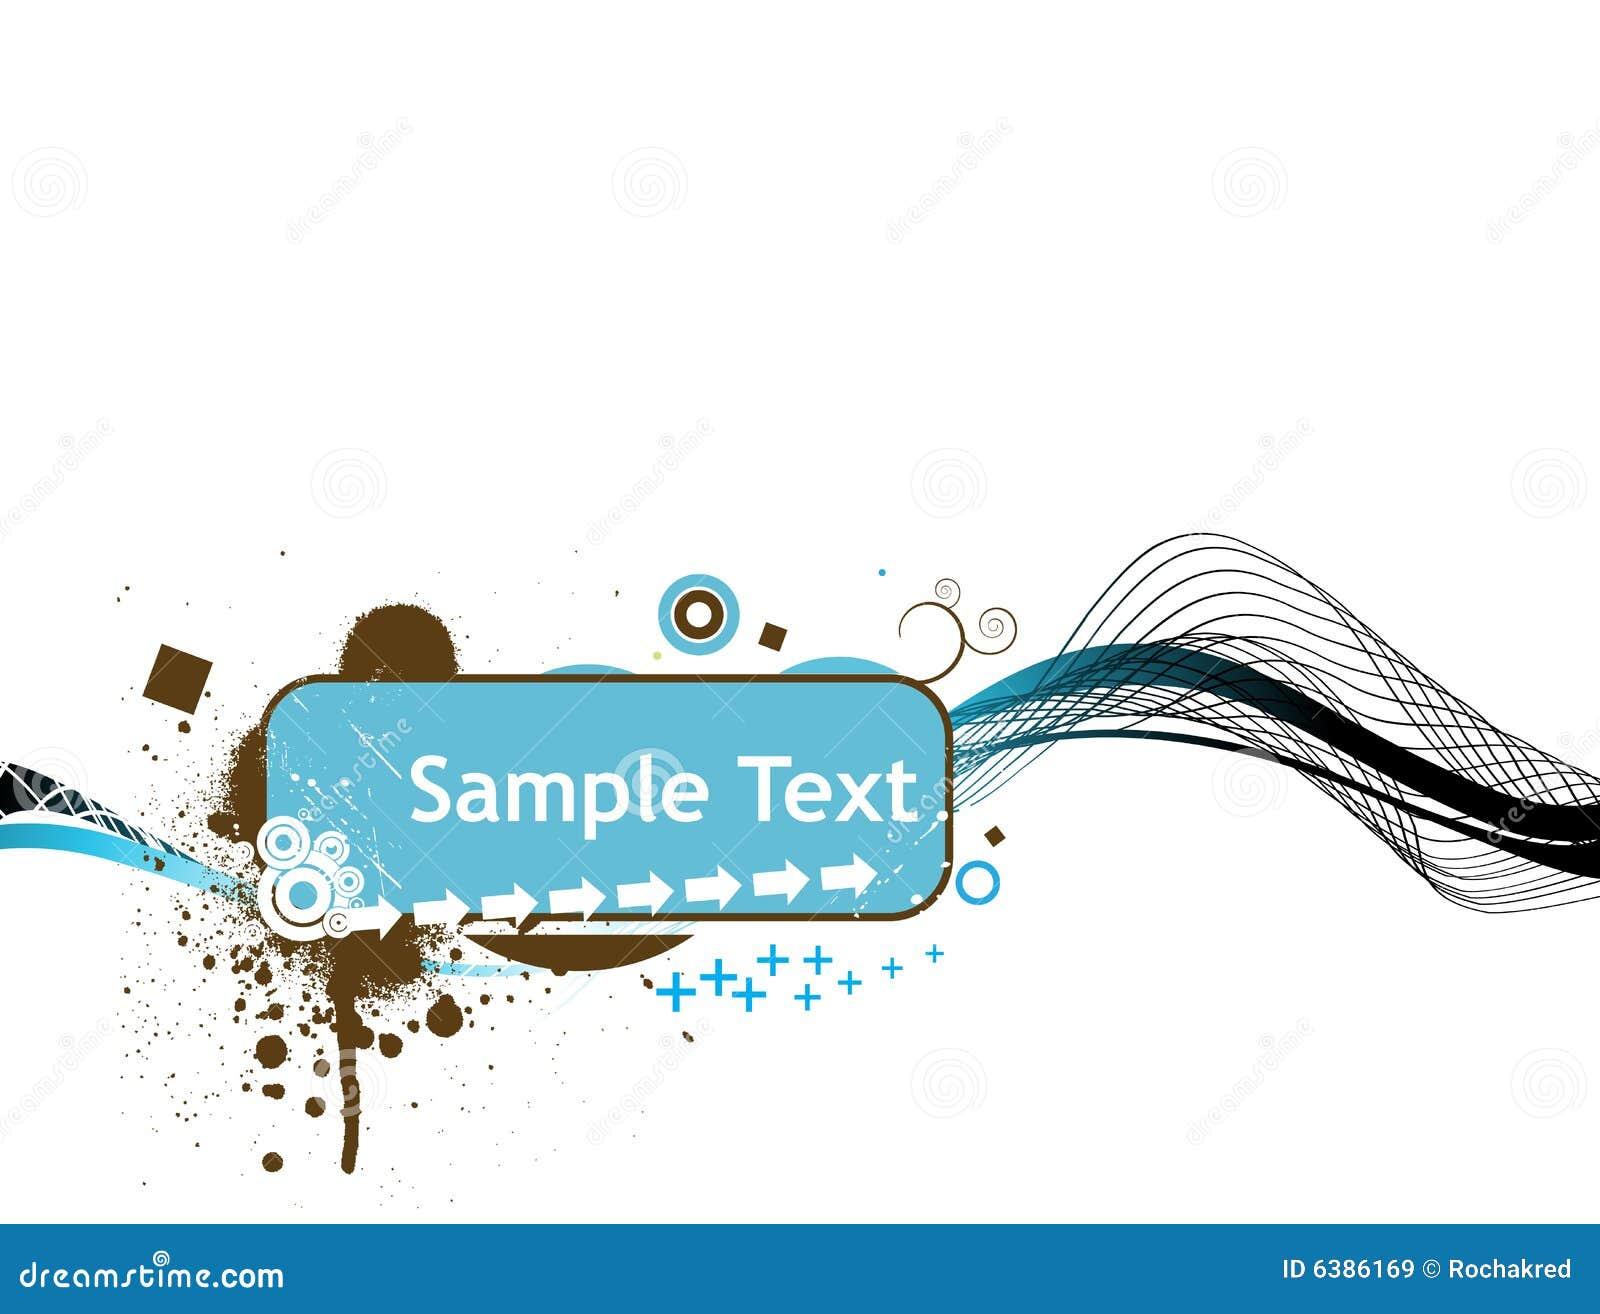 Ilustracja odizolowane linia próbki do tekstu wektora